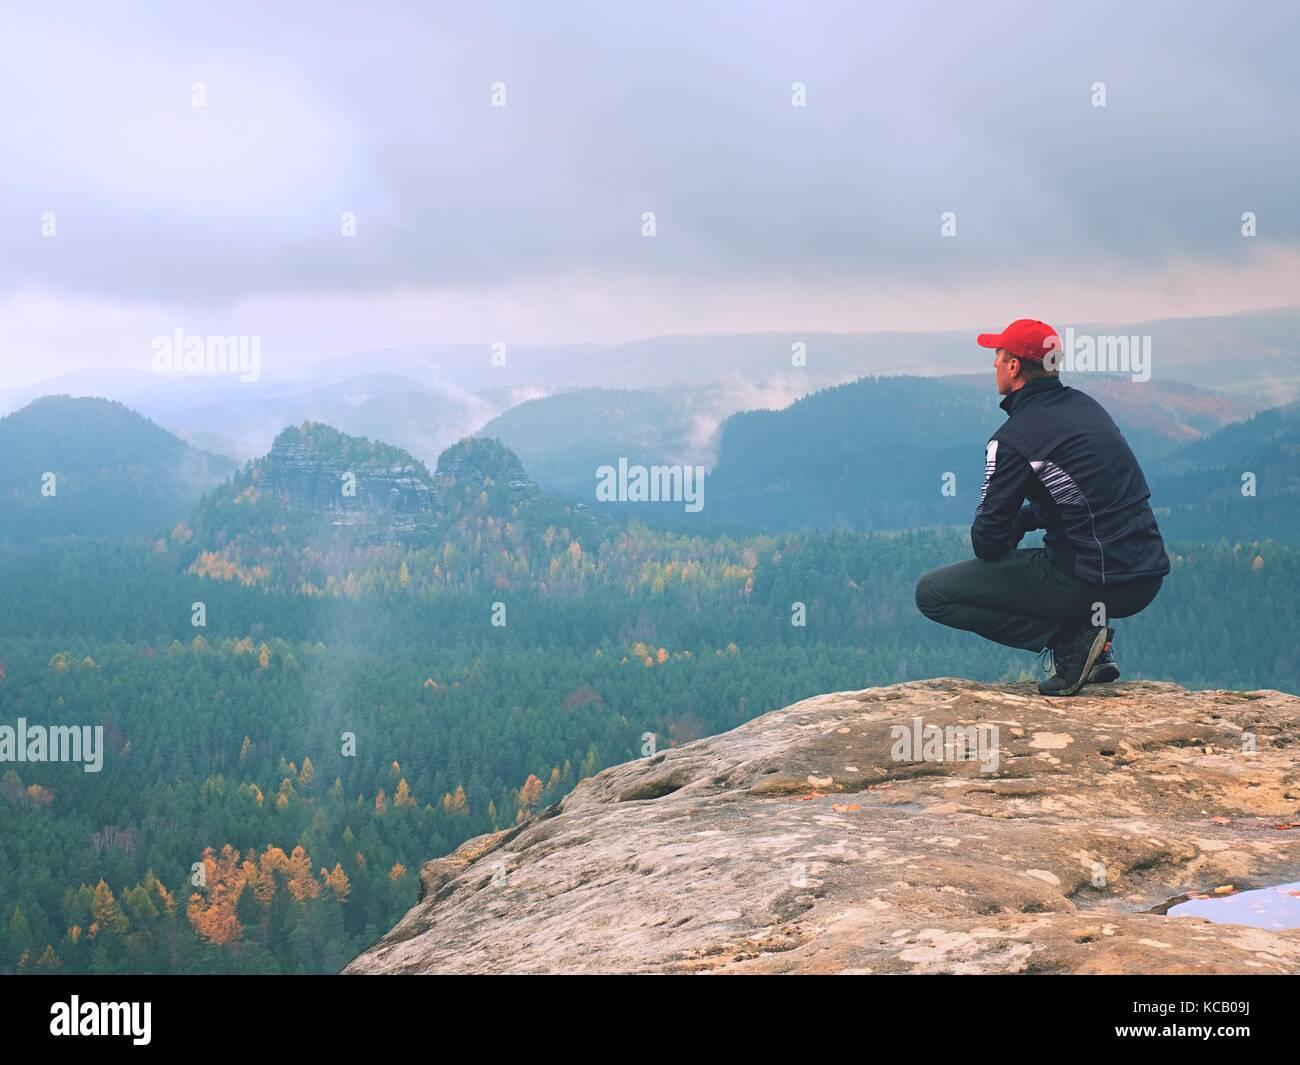 Escursionista in cappuccio rosso e nero sportswear in posizione accovacciata su una roccia e godere di uno scenario Immagini Stock